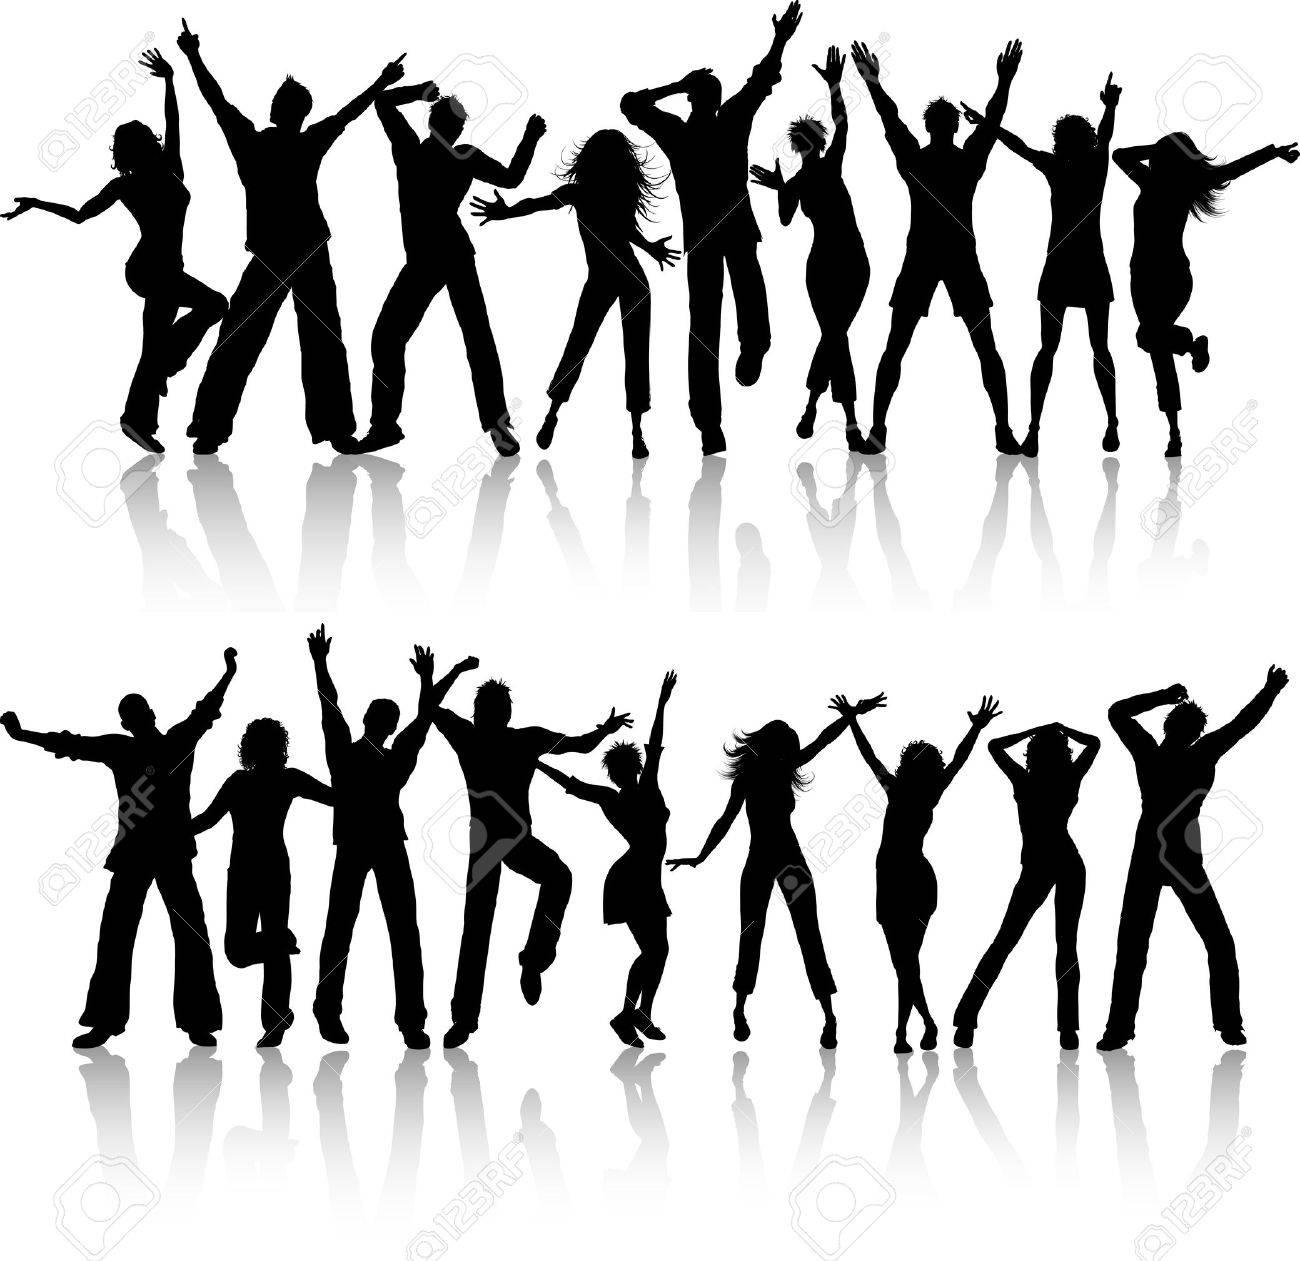 Foto Sagome Persone.Sagome Di Persone Ballare Su Sfondo Bianco